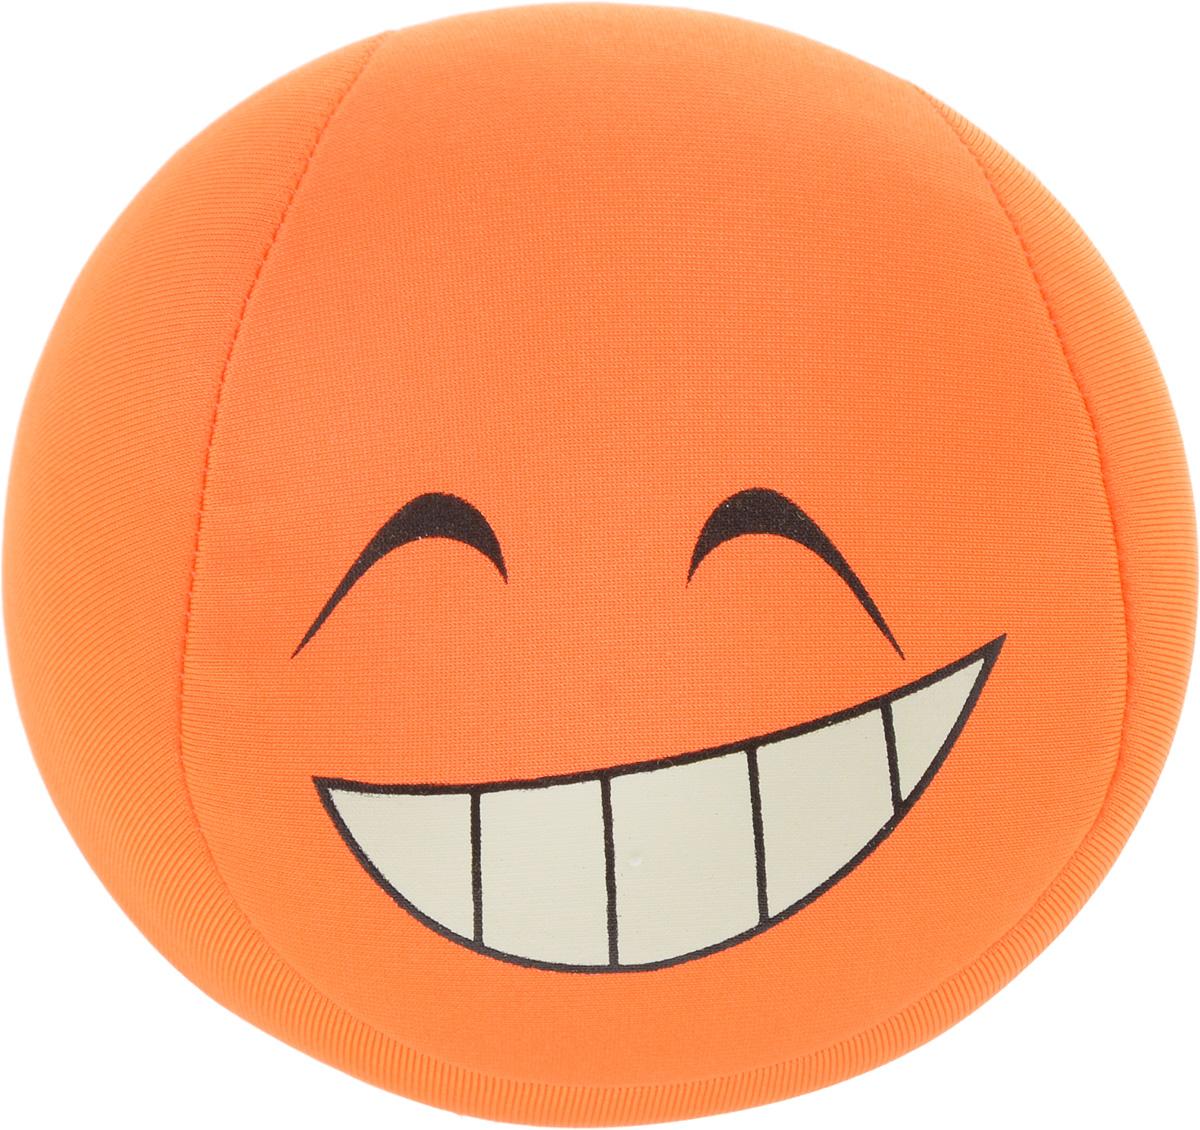 Игрушка-антистресс Home Queen Смайлик, цвет: оранжевый, диаметр 10 см70062_оранжевыйИгрушка-антистресс Home Queen Смайлик способна стать аккумулятором хорошего настроения. Игрушка выполнена из трикотажной ткани в виде веселого смайлика, внутри - наполнитель из полистирола. Игрушка легкая, упругая, как бы вы ее ни сжимали, она неизменно возвращает себе первоначальную форму. Тысячи мельчайших гранул полистирола создают поистине волшебный релаксирующий эффект. Такая игрушка - идеальный рецепт хорошего настроения! Она подходит абсолютно всем, поскольку не вызывает аллергии.